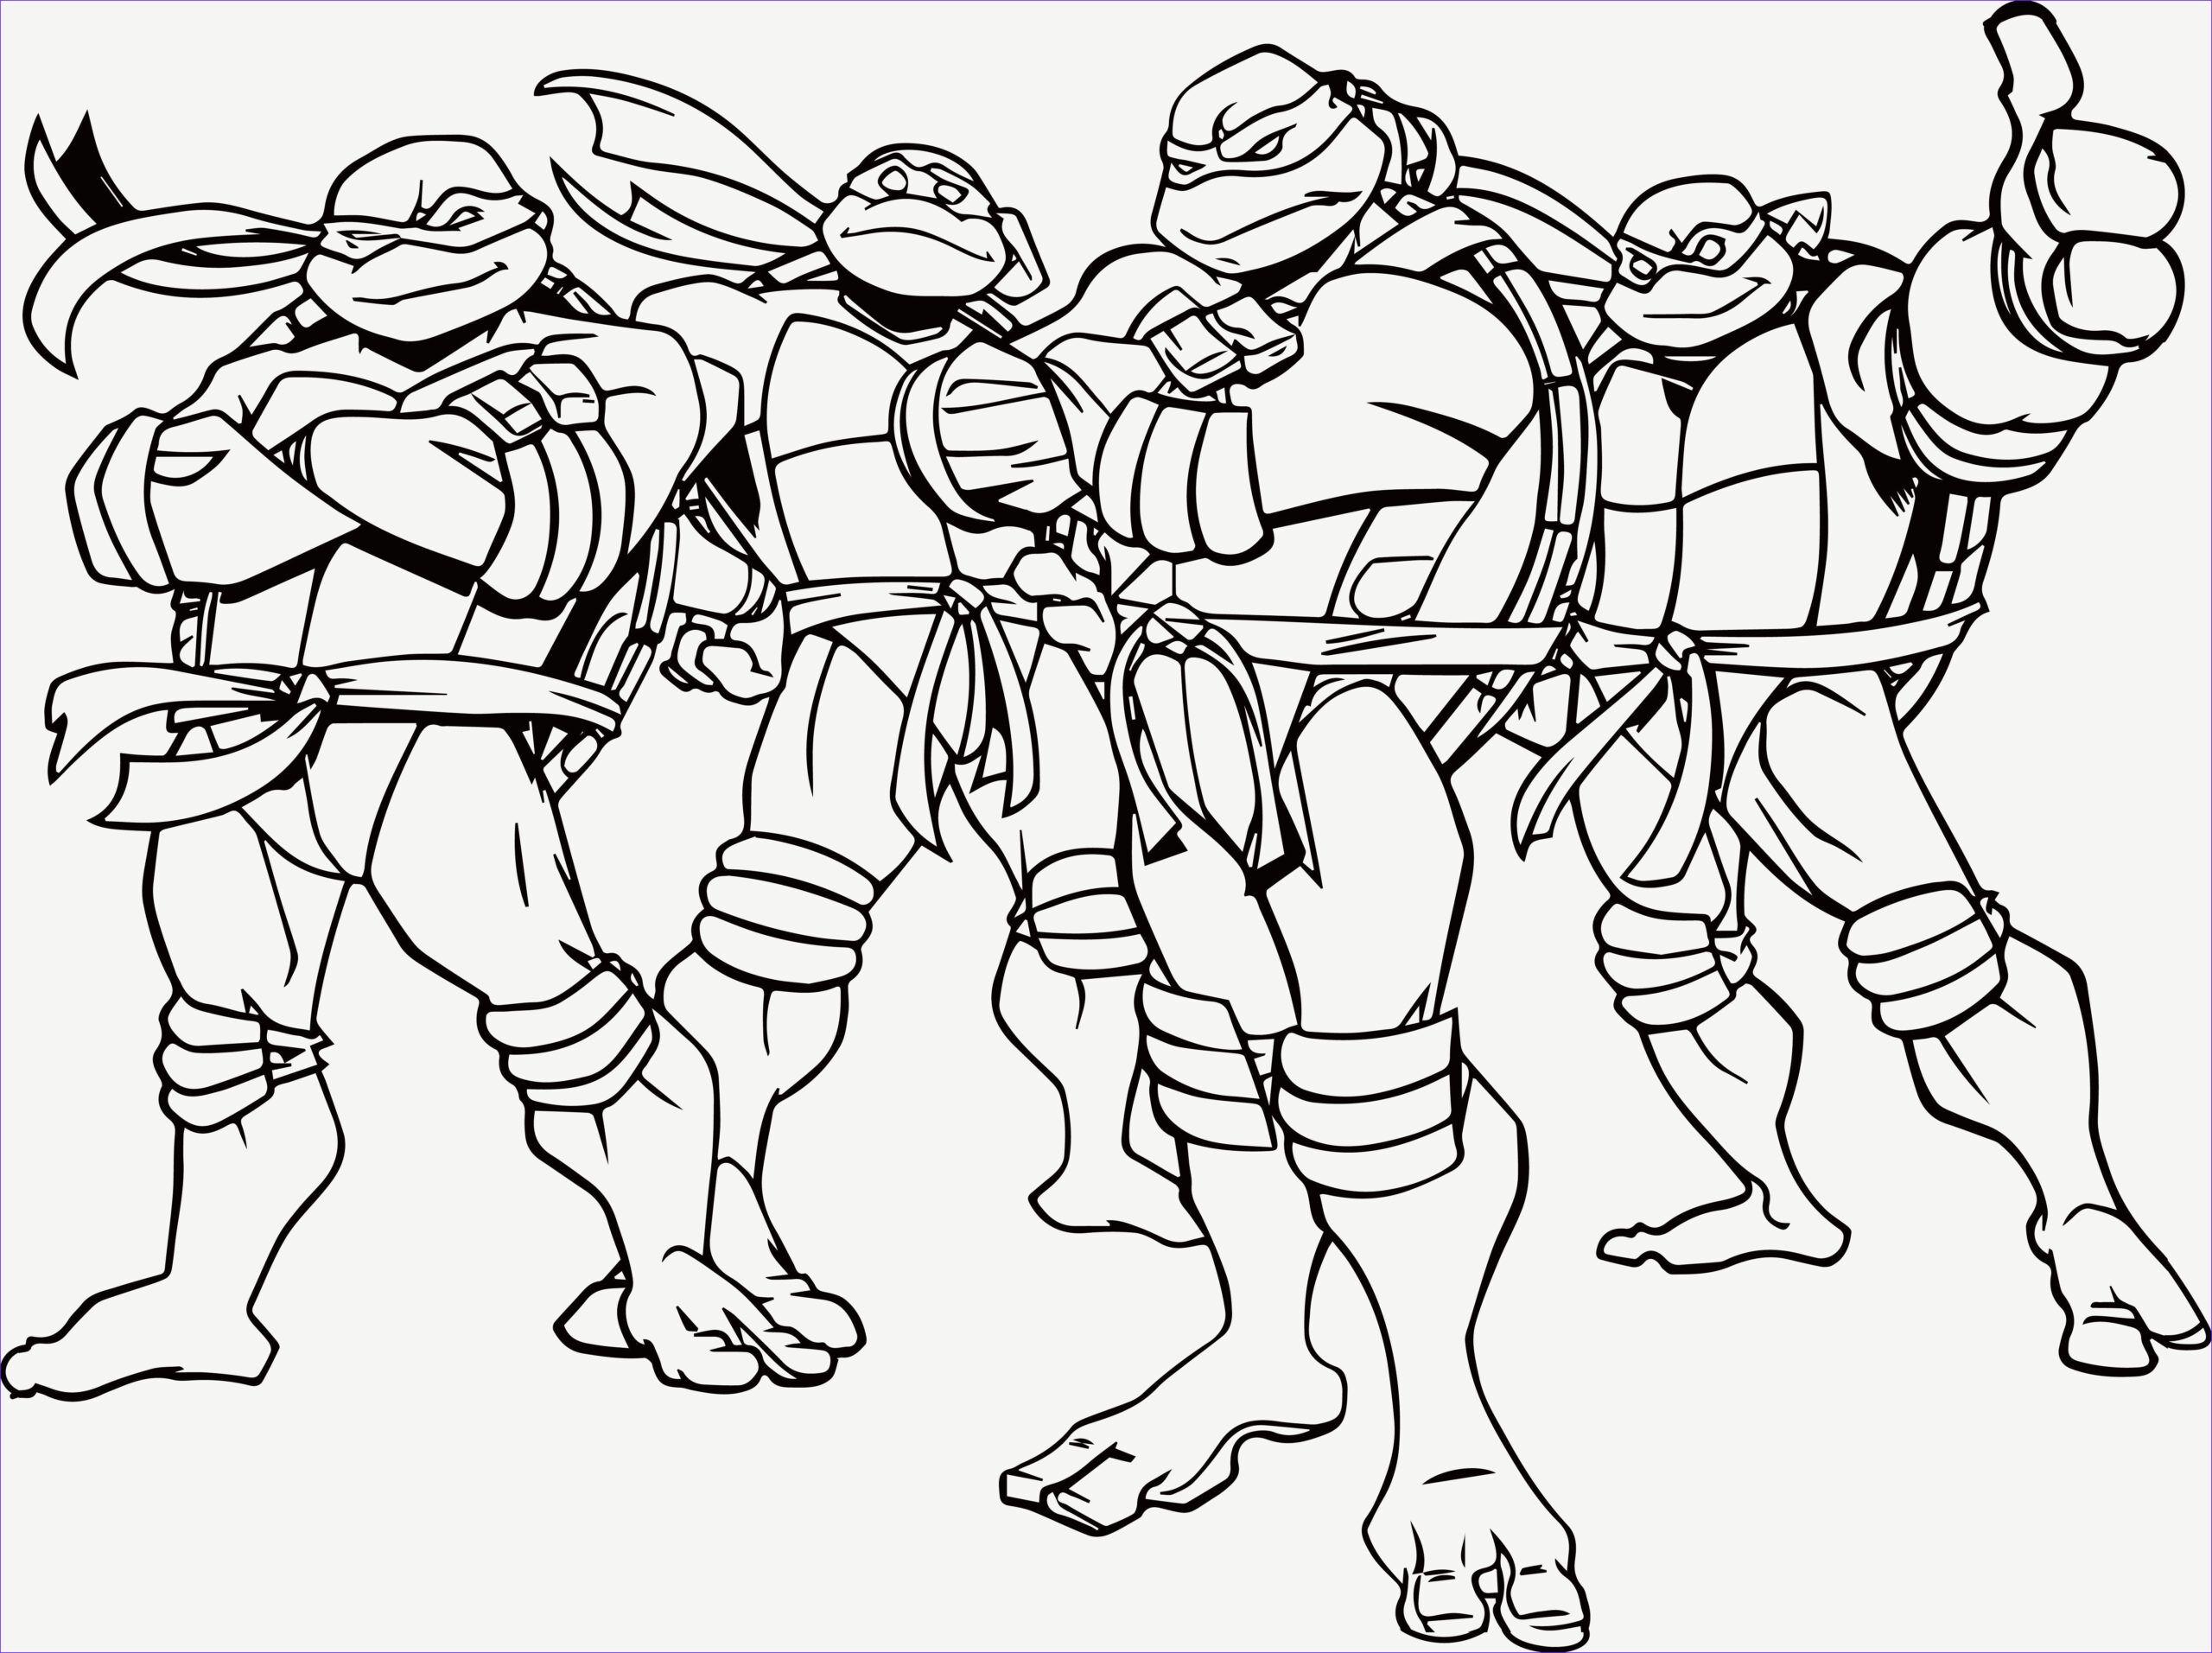 Nickelodeon Teenage Mutant Ninja Turtles Coloring Pages Desenhos Para Colorir Desenhos Colorir